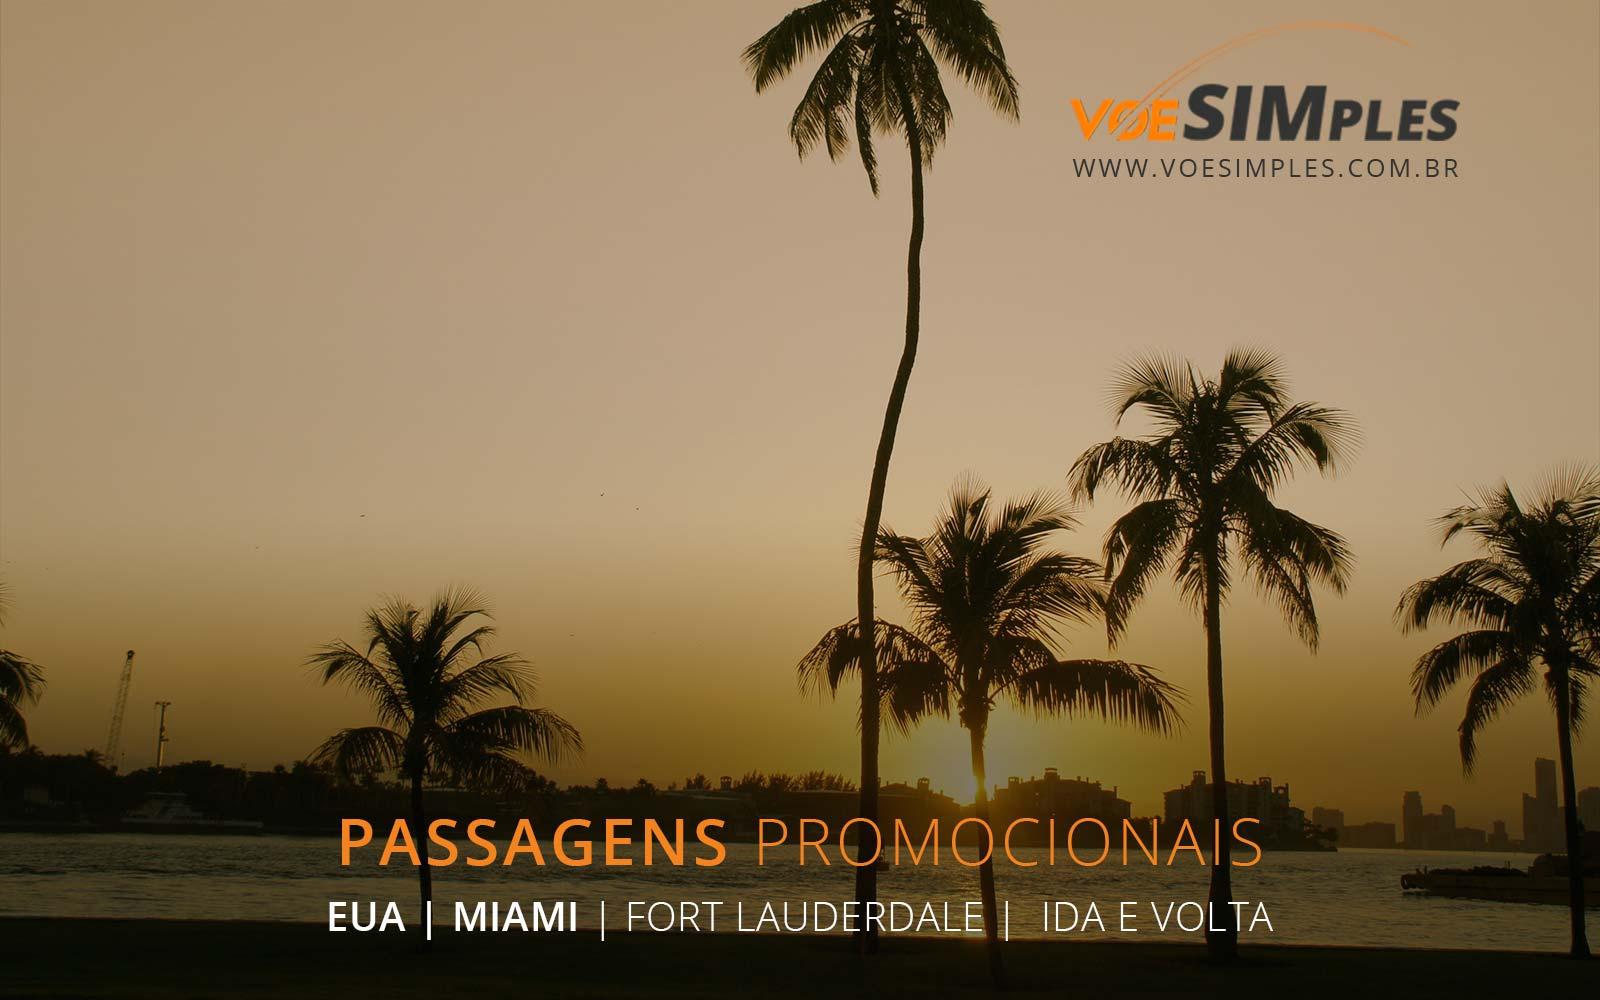 Voos baratos para Miami e Fort Lauderdale nos Estados Unidos